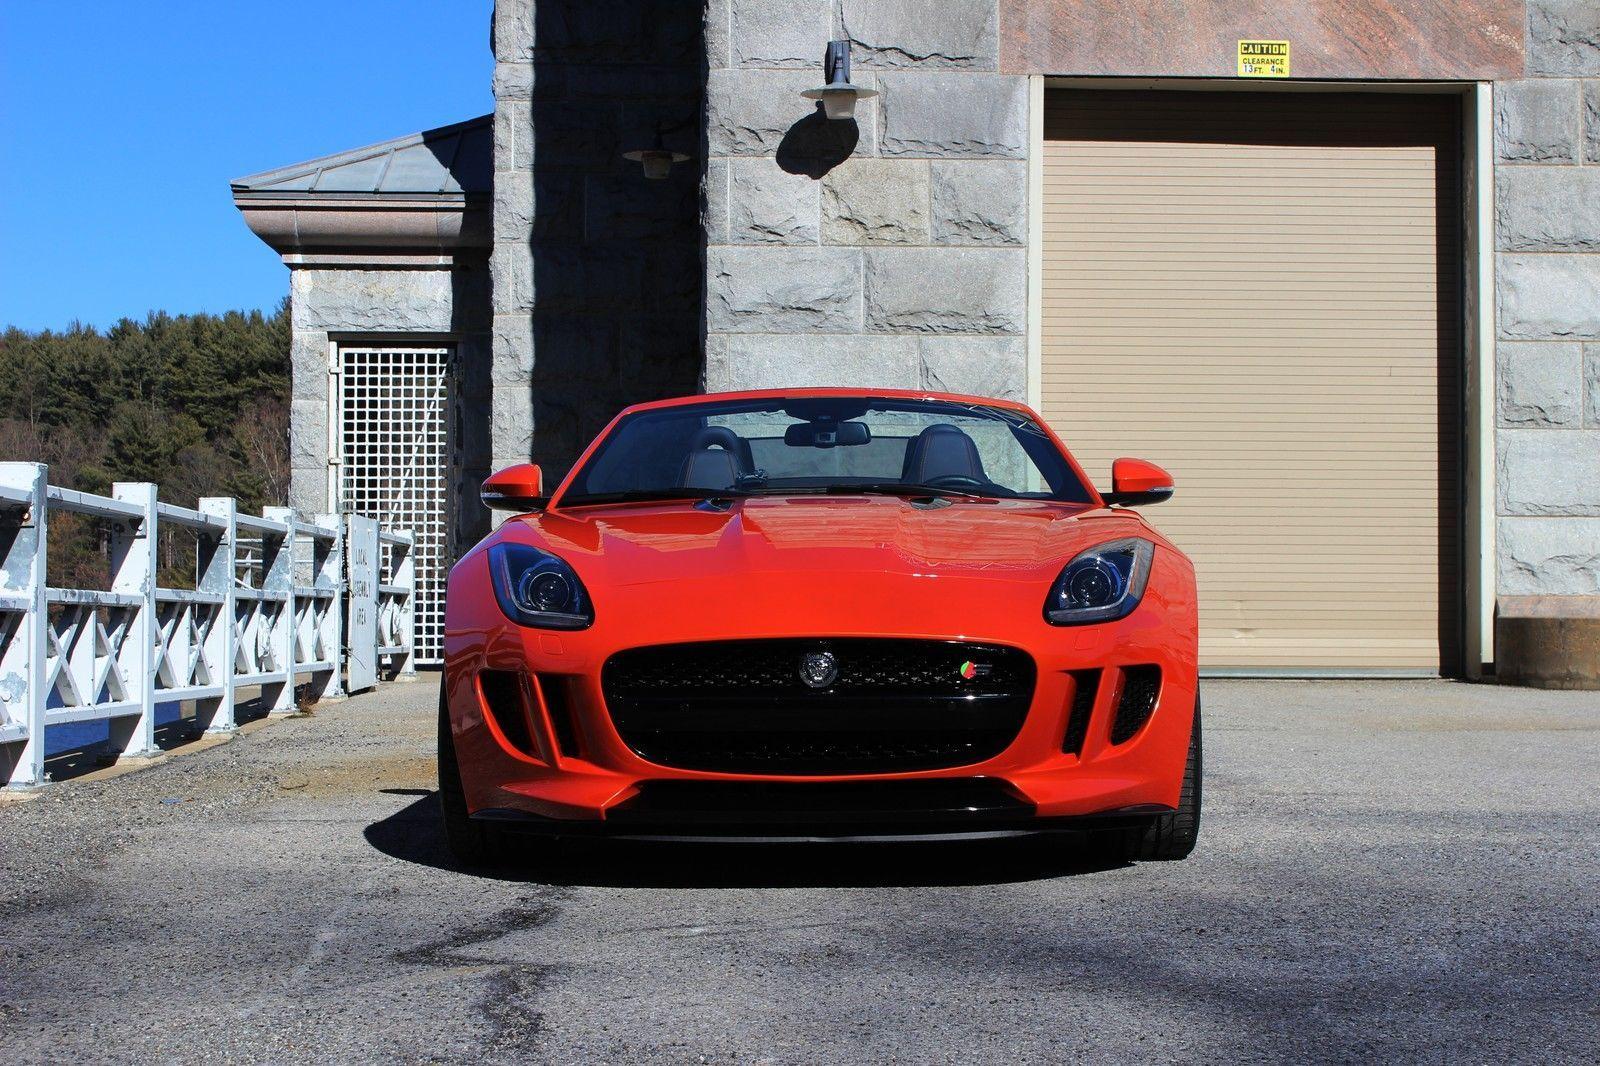 US $22,100.00 Used in eBay Motors, Cars & Trucks, Jaguar | Jaguar ...